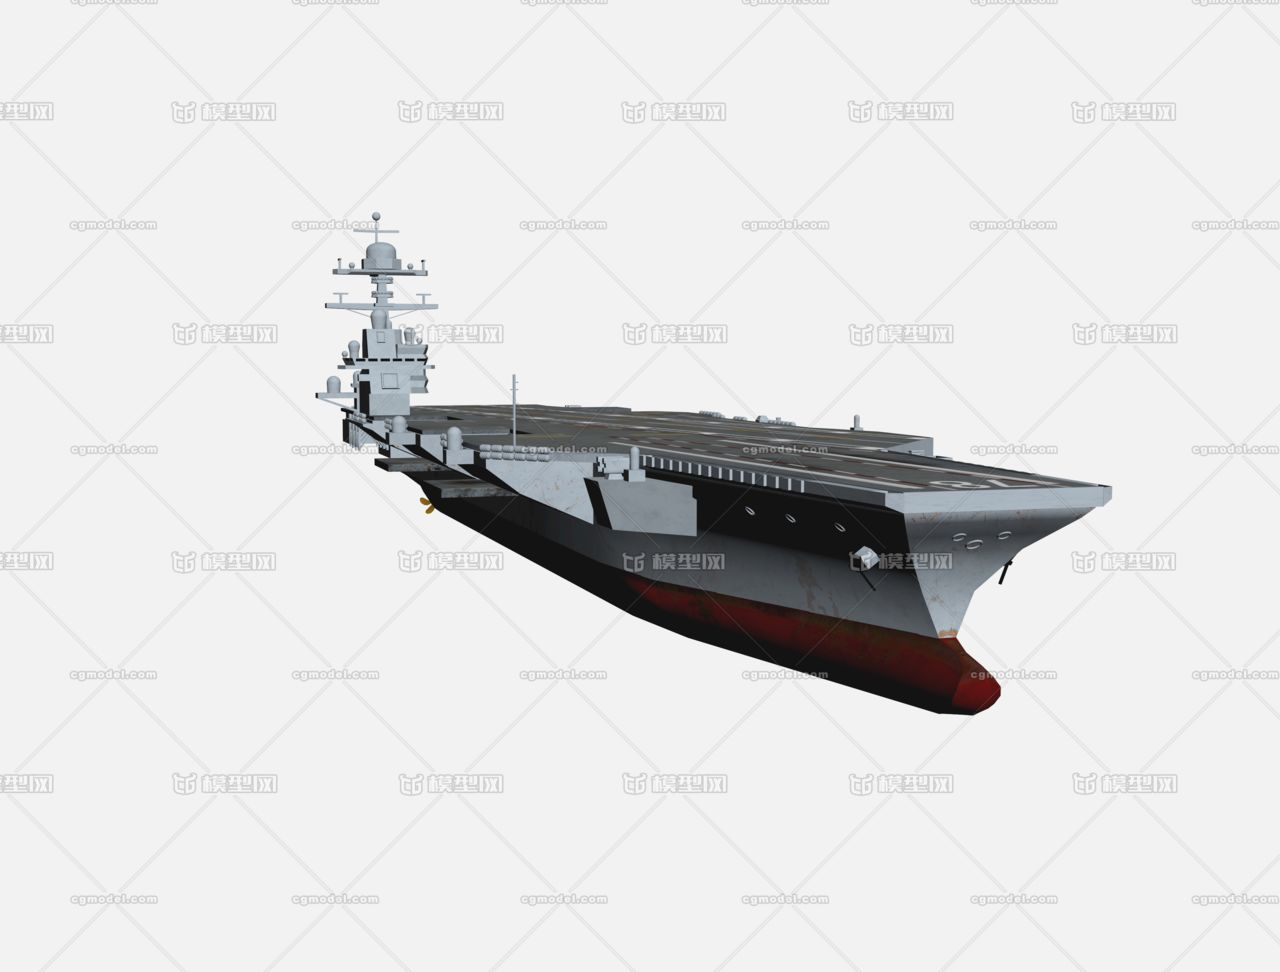 导弹驱逐舰哈尔滨舰_杰拉尔德·R·福特号航空母舰-军舰-船艇-尔歌Ethel-CG模型网